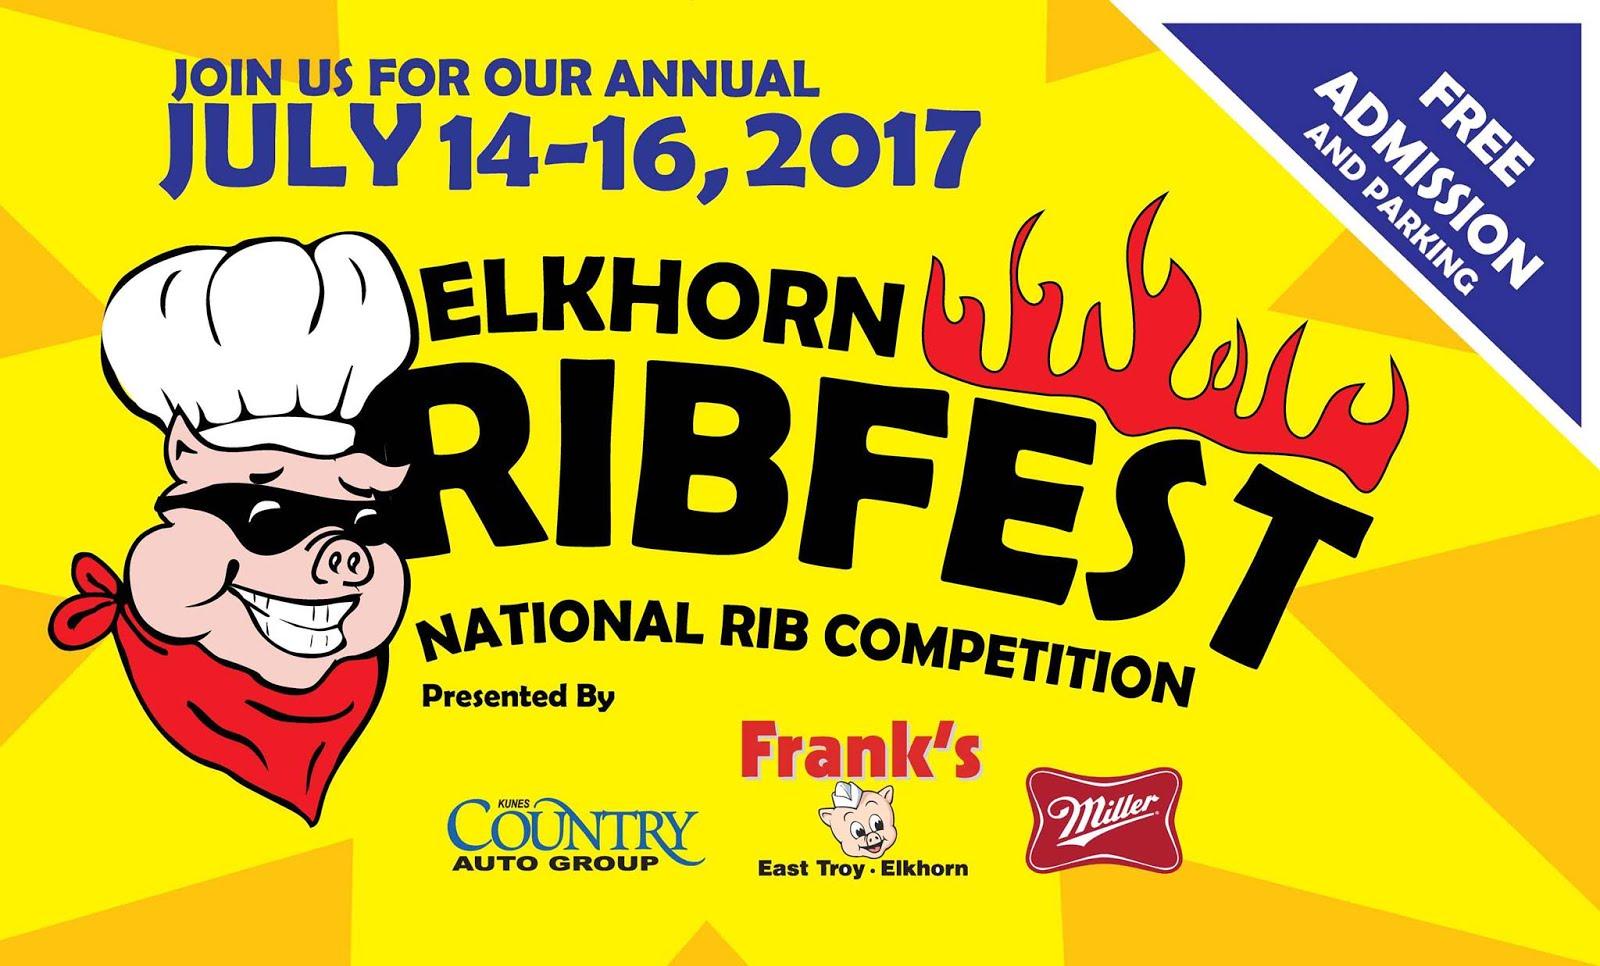 Elkhorn Ribfest